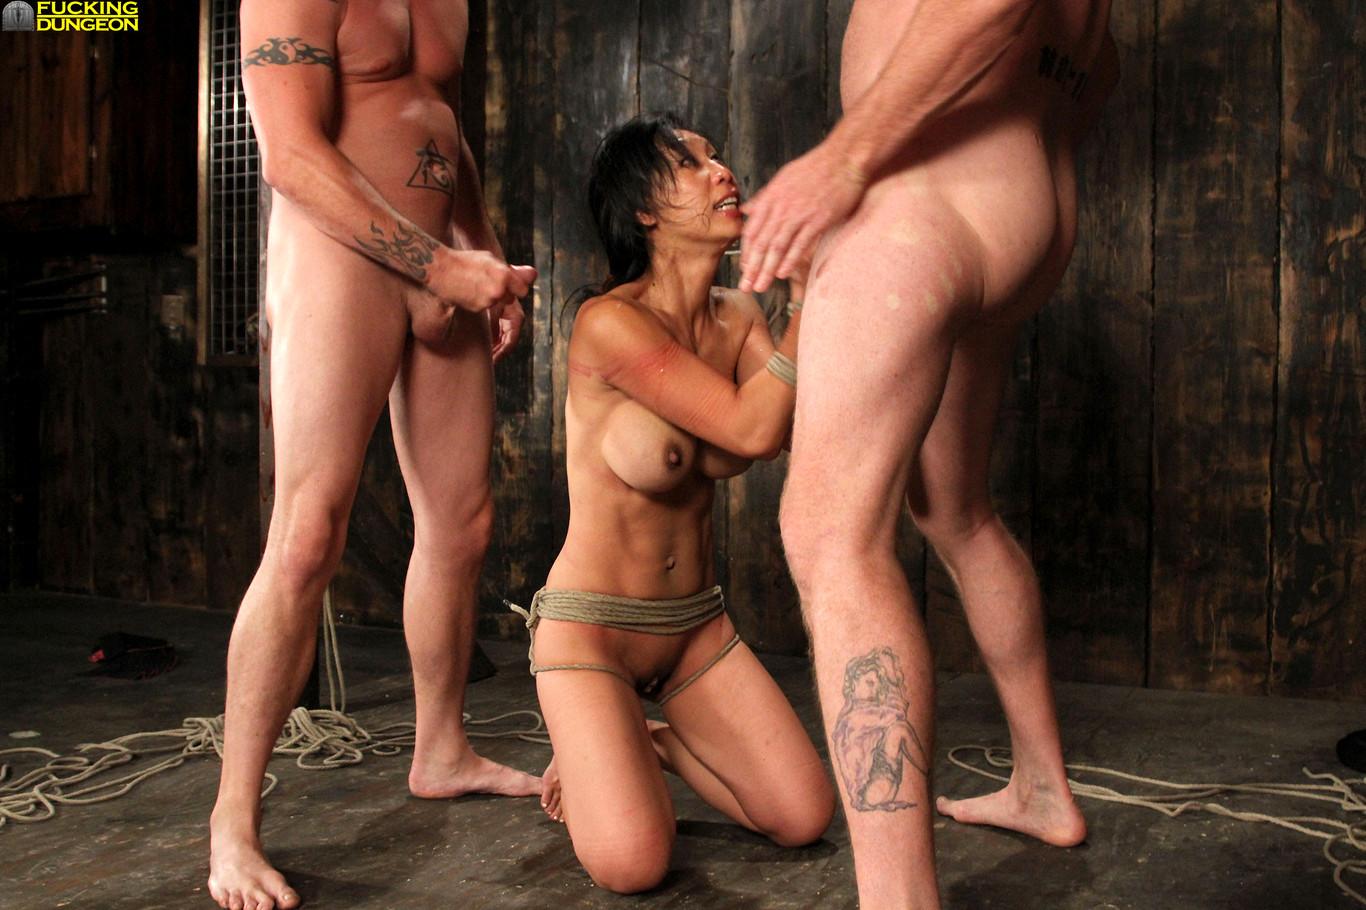 Bondage dungeon hardcore sex — photo 8